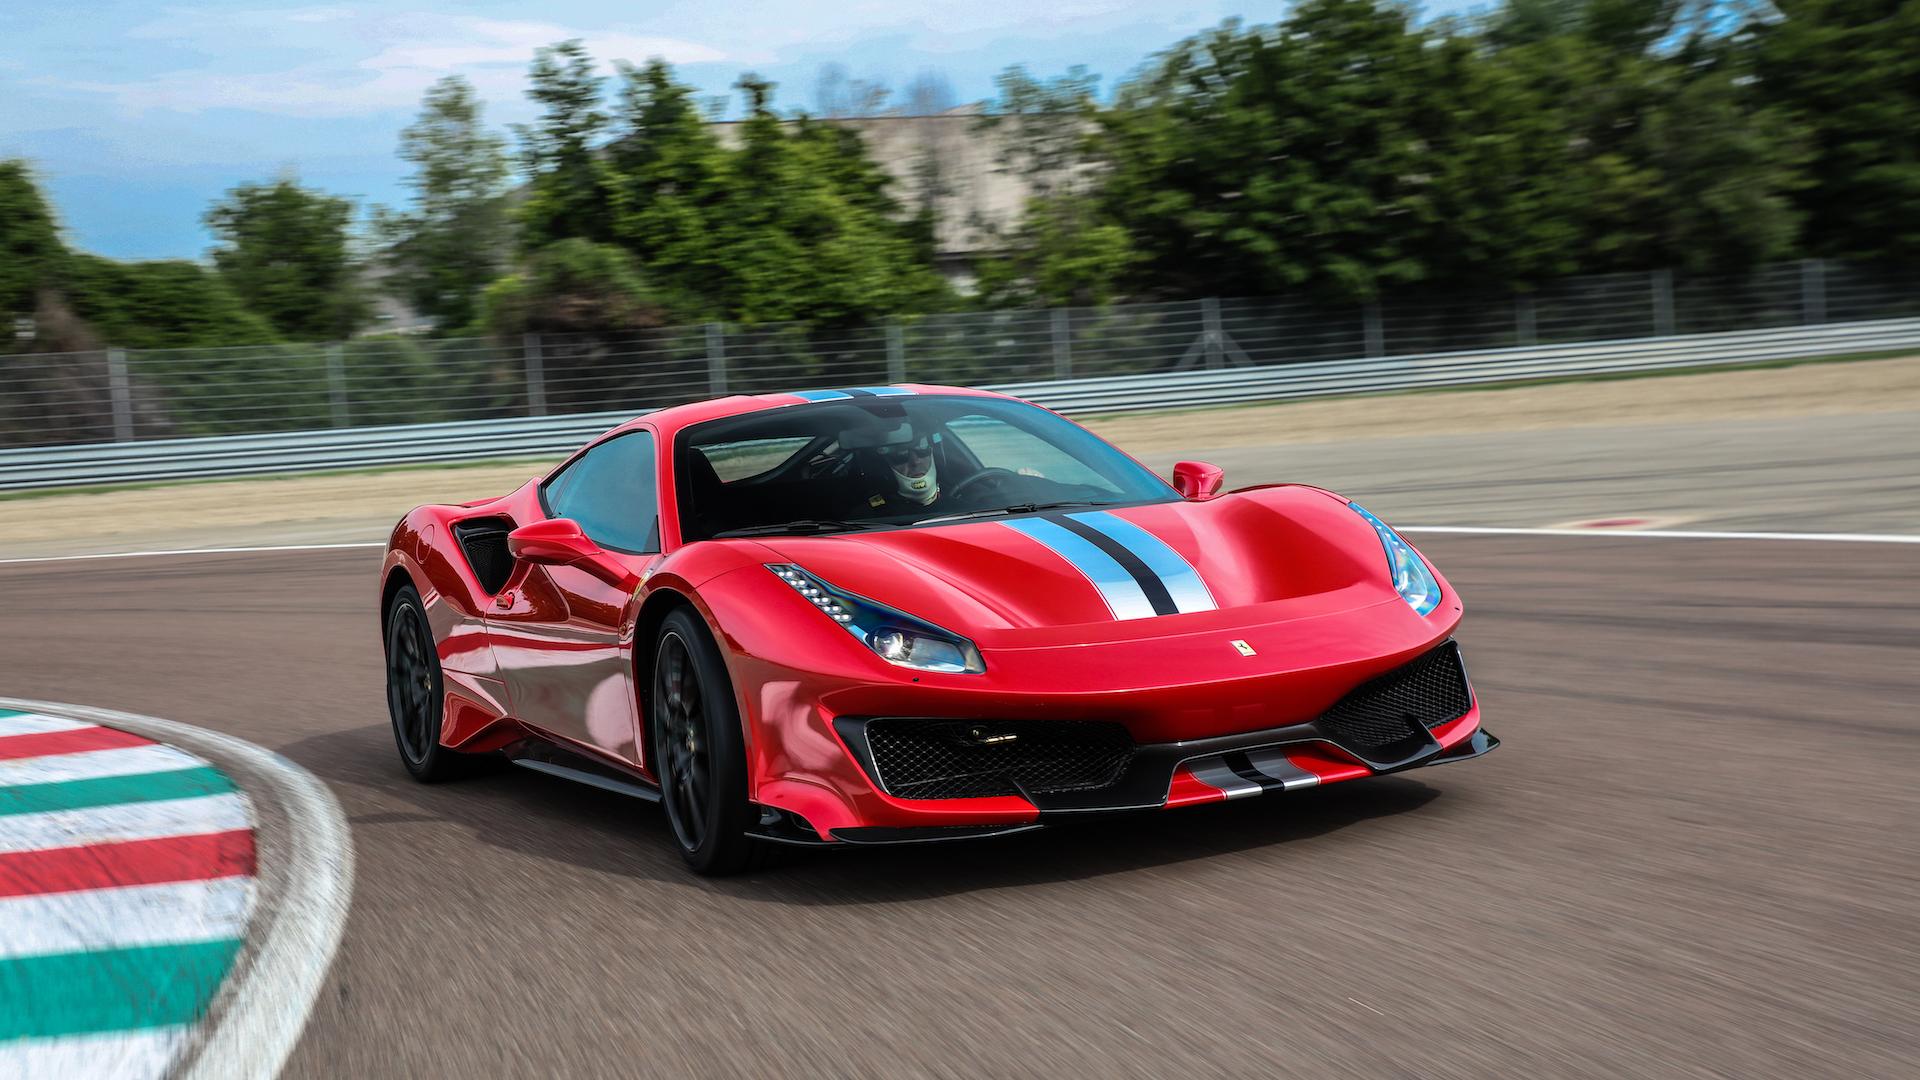 Ferrari triệu hồi xe quy mô lớn vì nguy cơ cháy nổ và lỗi cửa xe